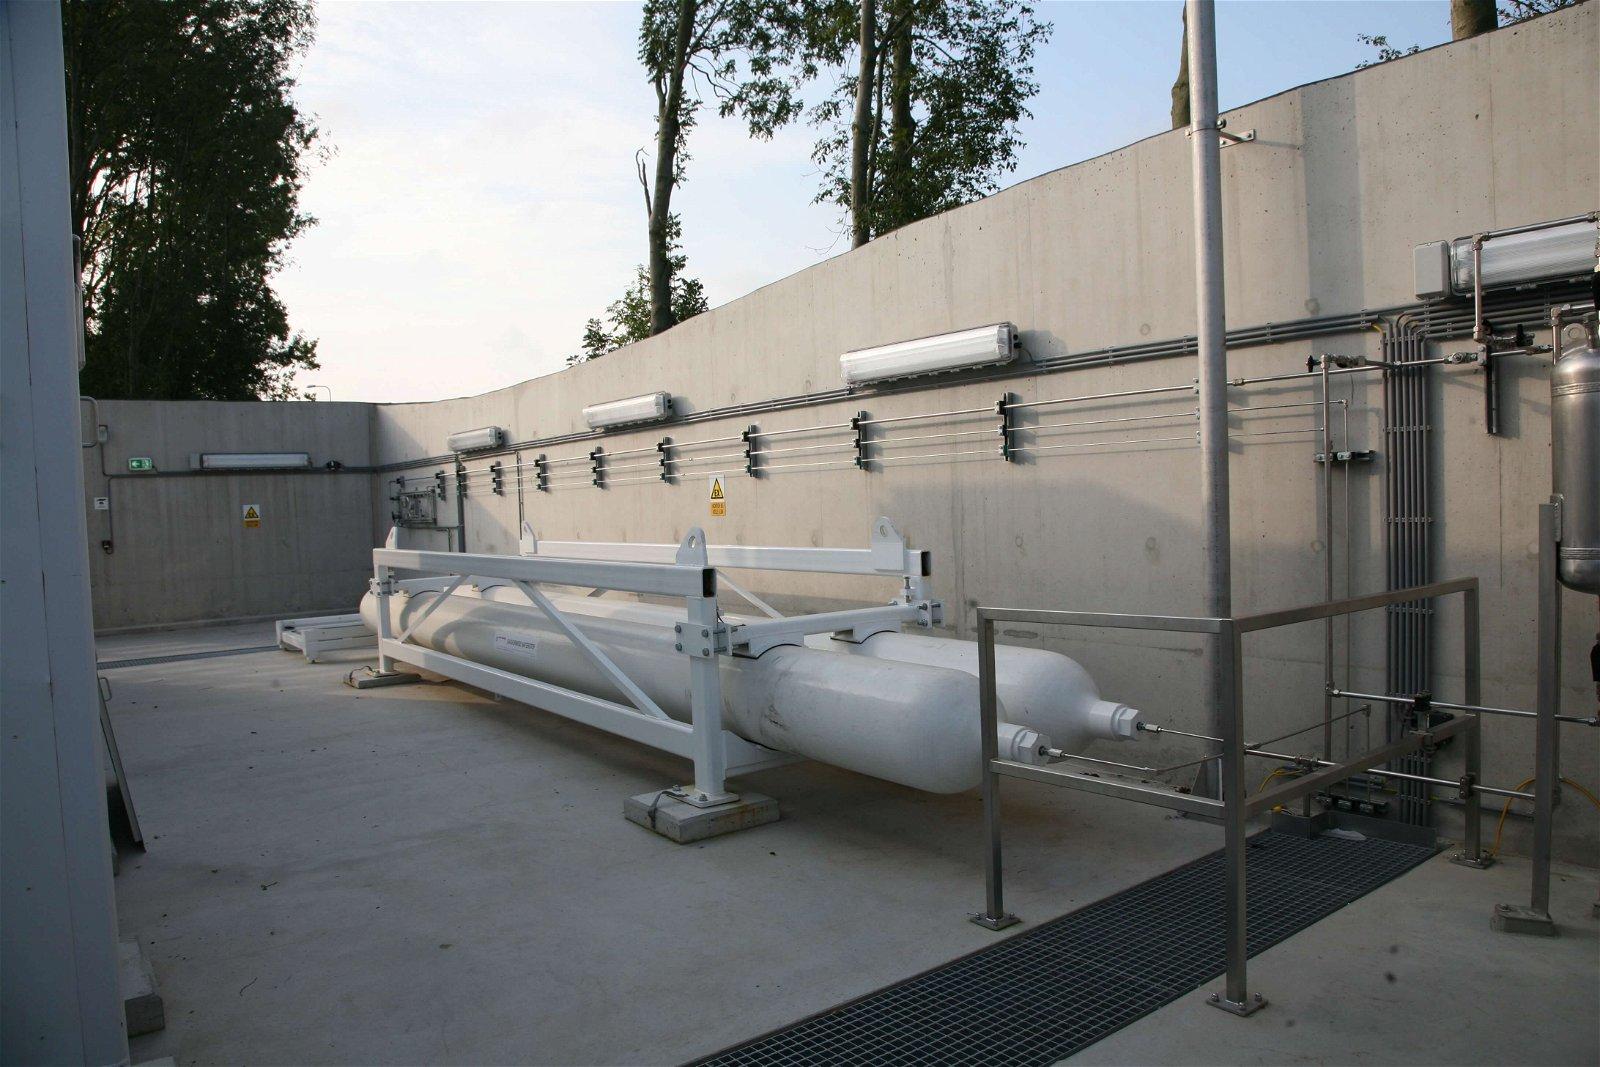 Hoppenbrouwers Techniek voorzag Air Liquide Rhoon van technische installaties